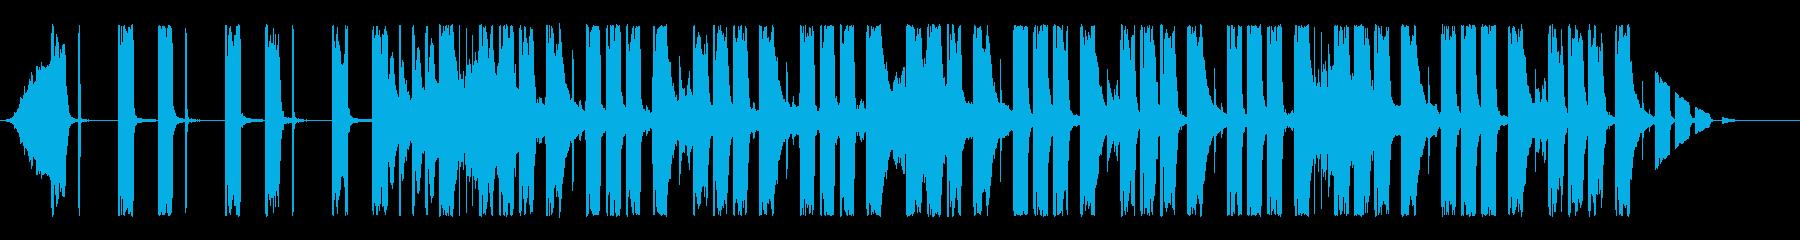 しっとり展開するミディアムエレクトロの再生済みの波形